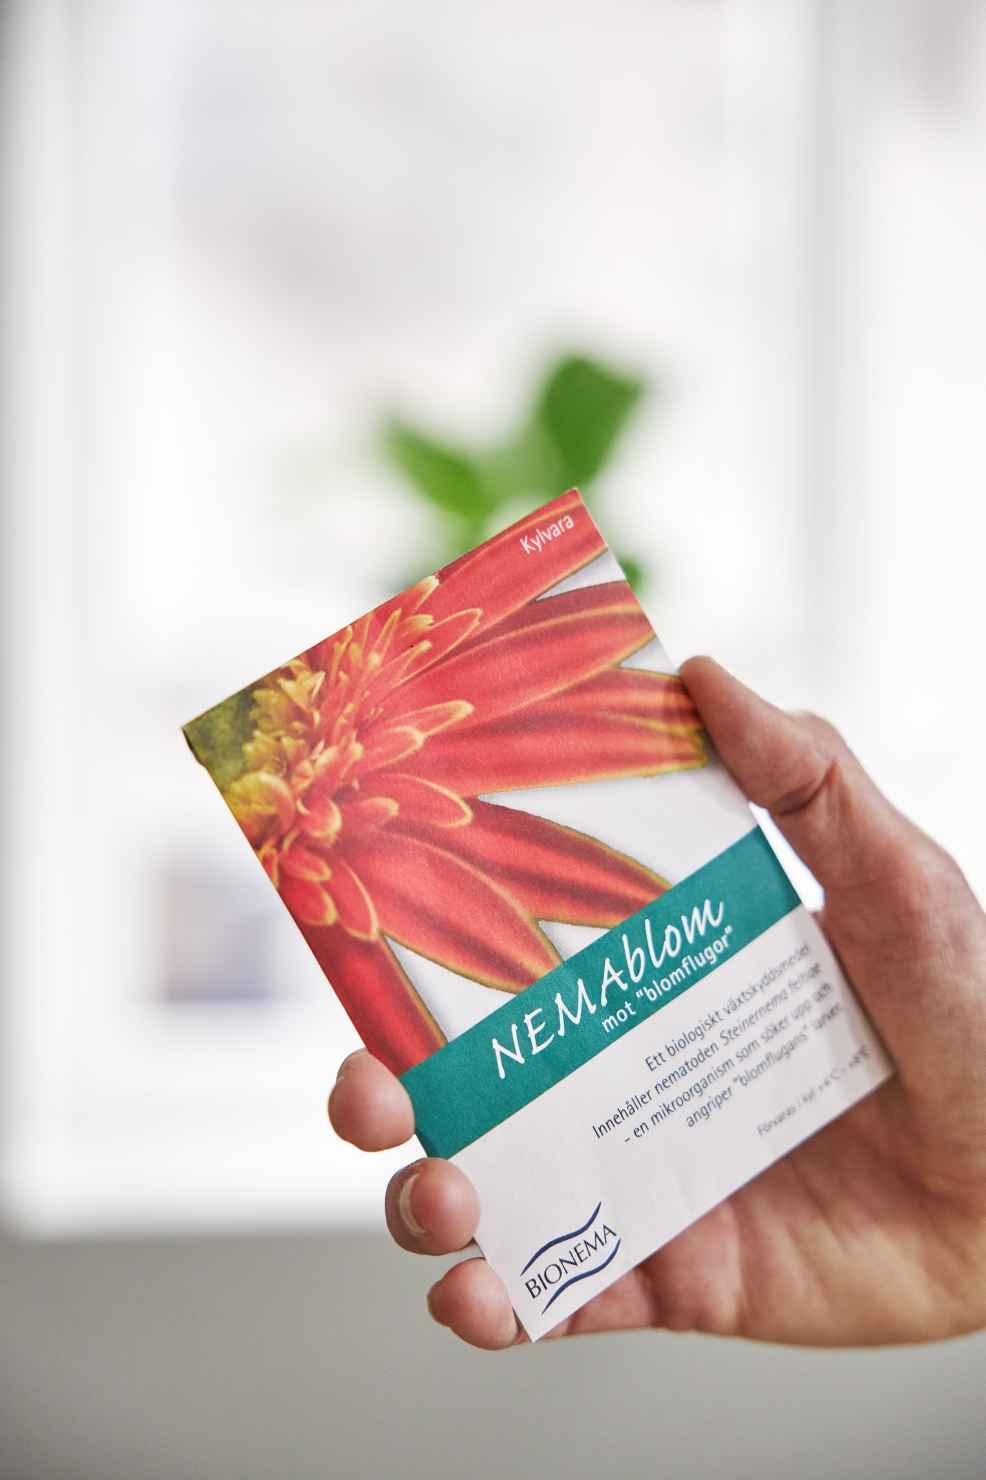 Produktbild 2 på Nematoder Nemablom